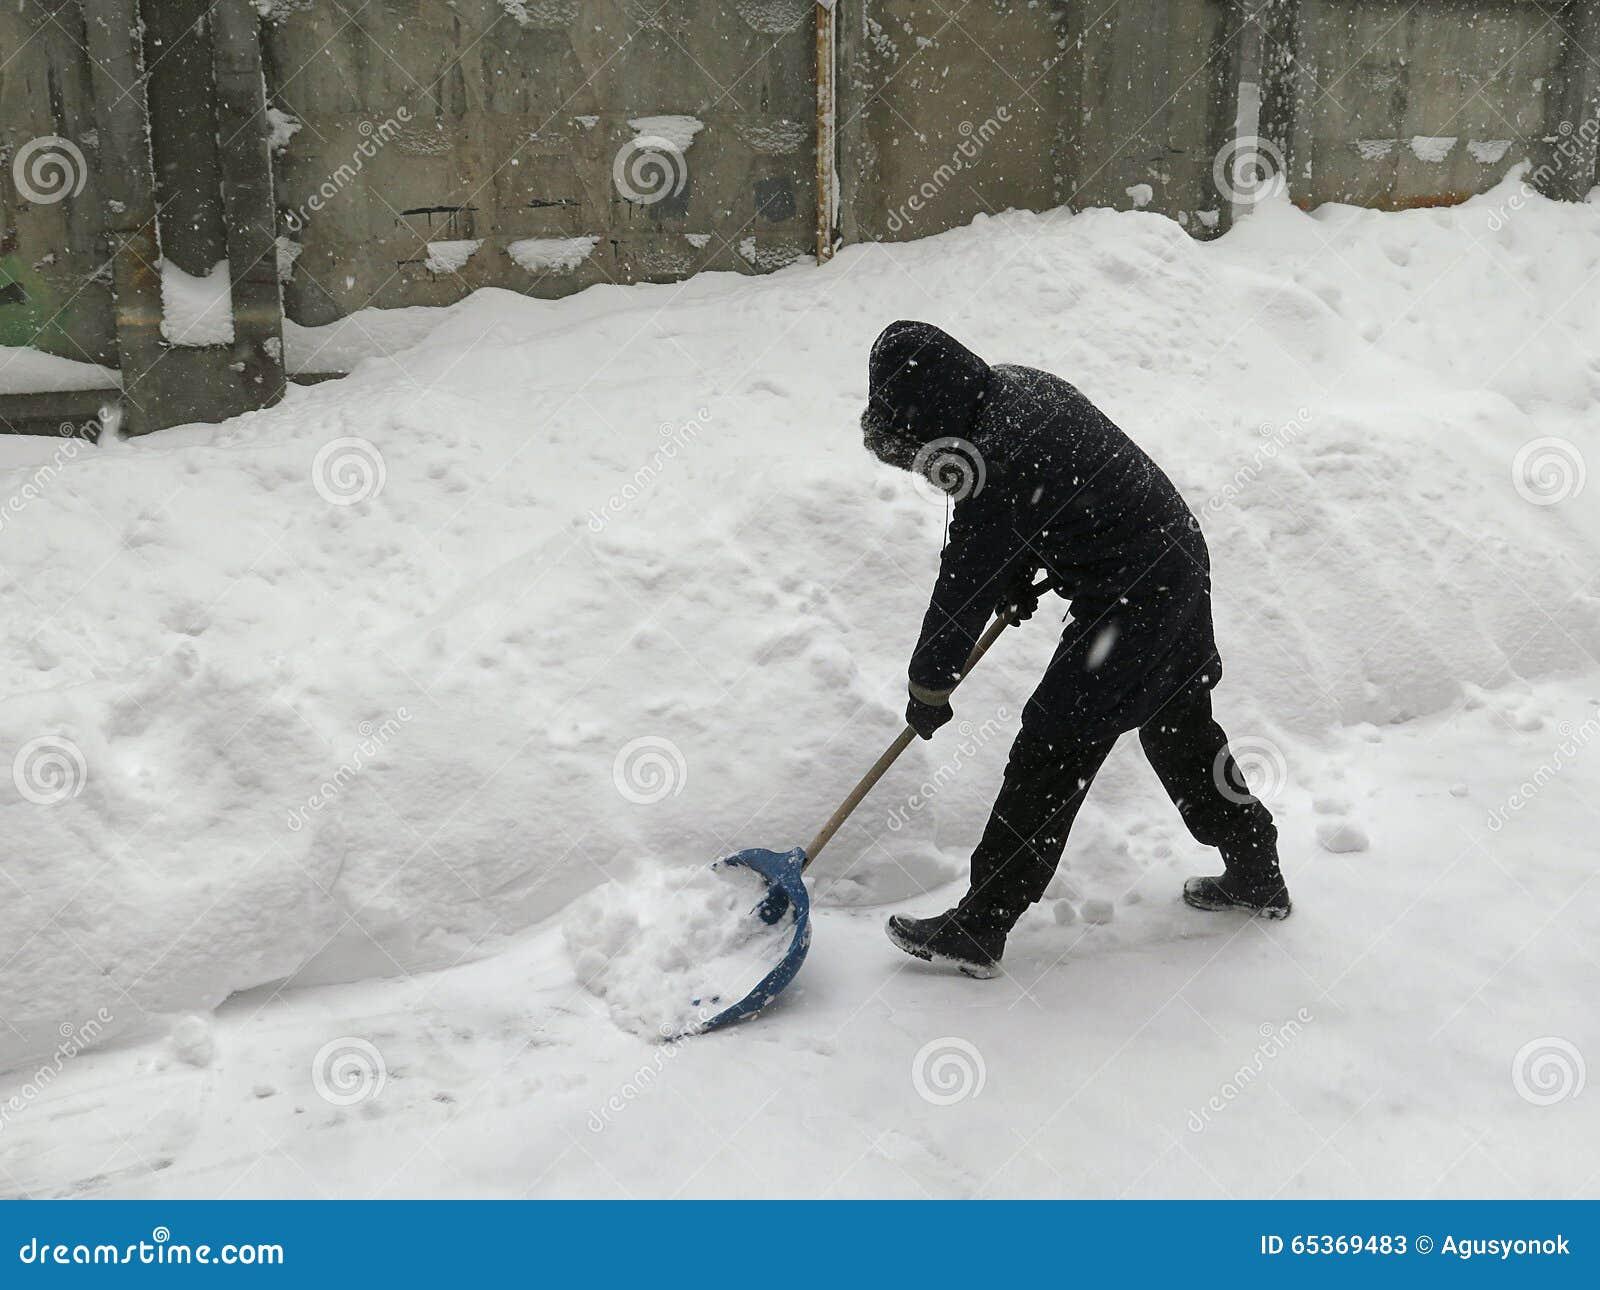 门卫 自然灾害冬天,飞雪,大雪麻痹了城市,崩溃 积雪旋风欧洲